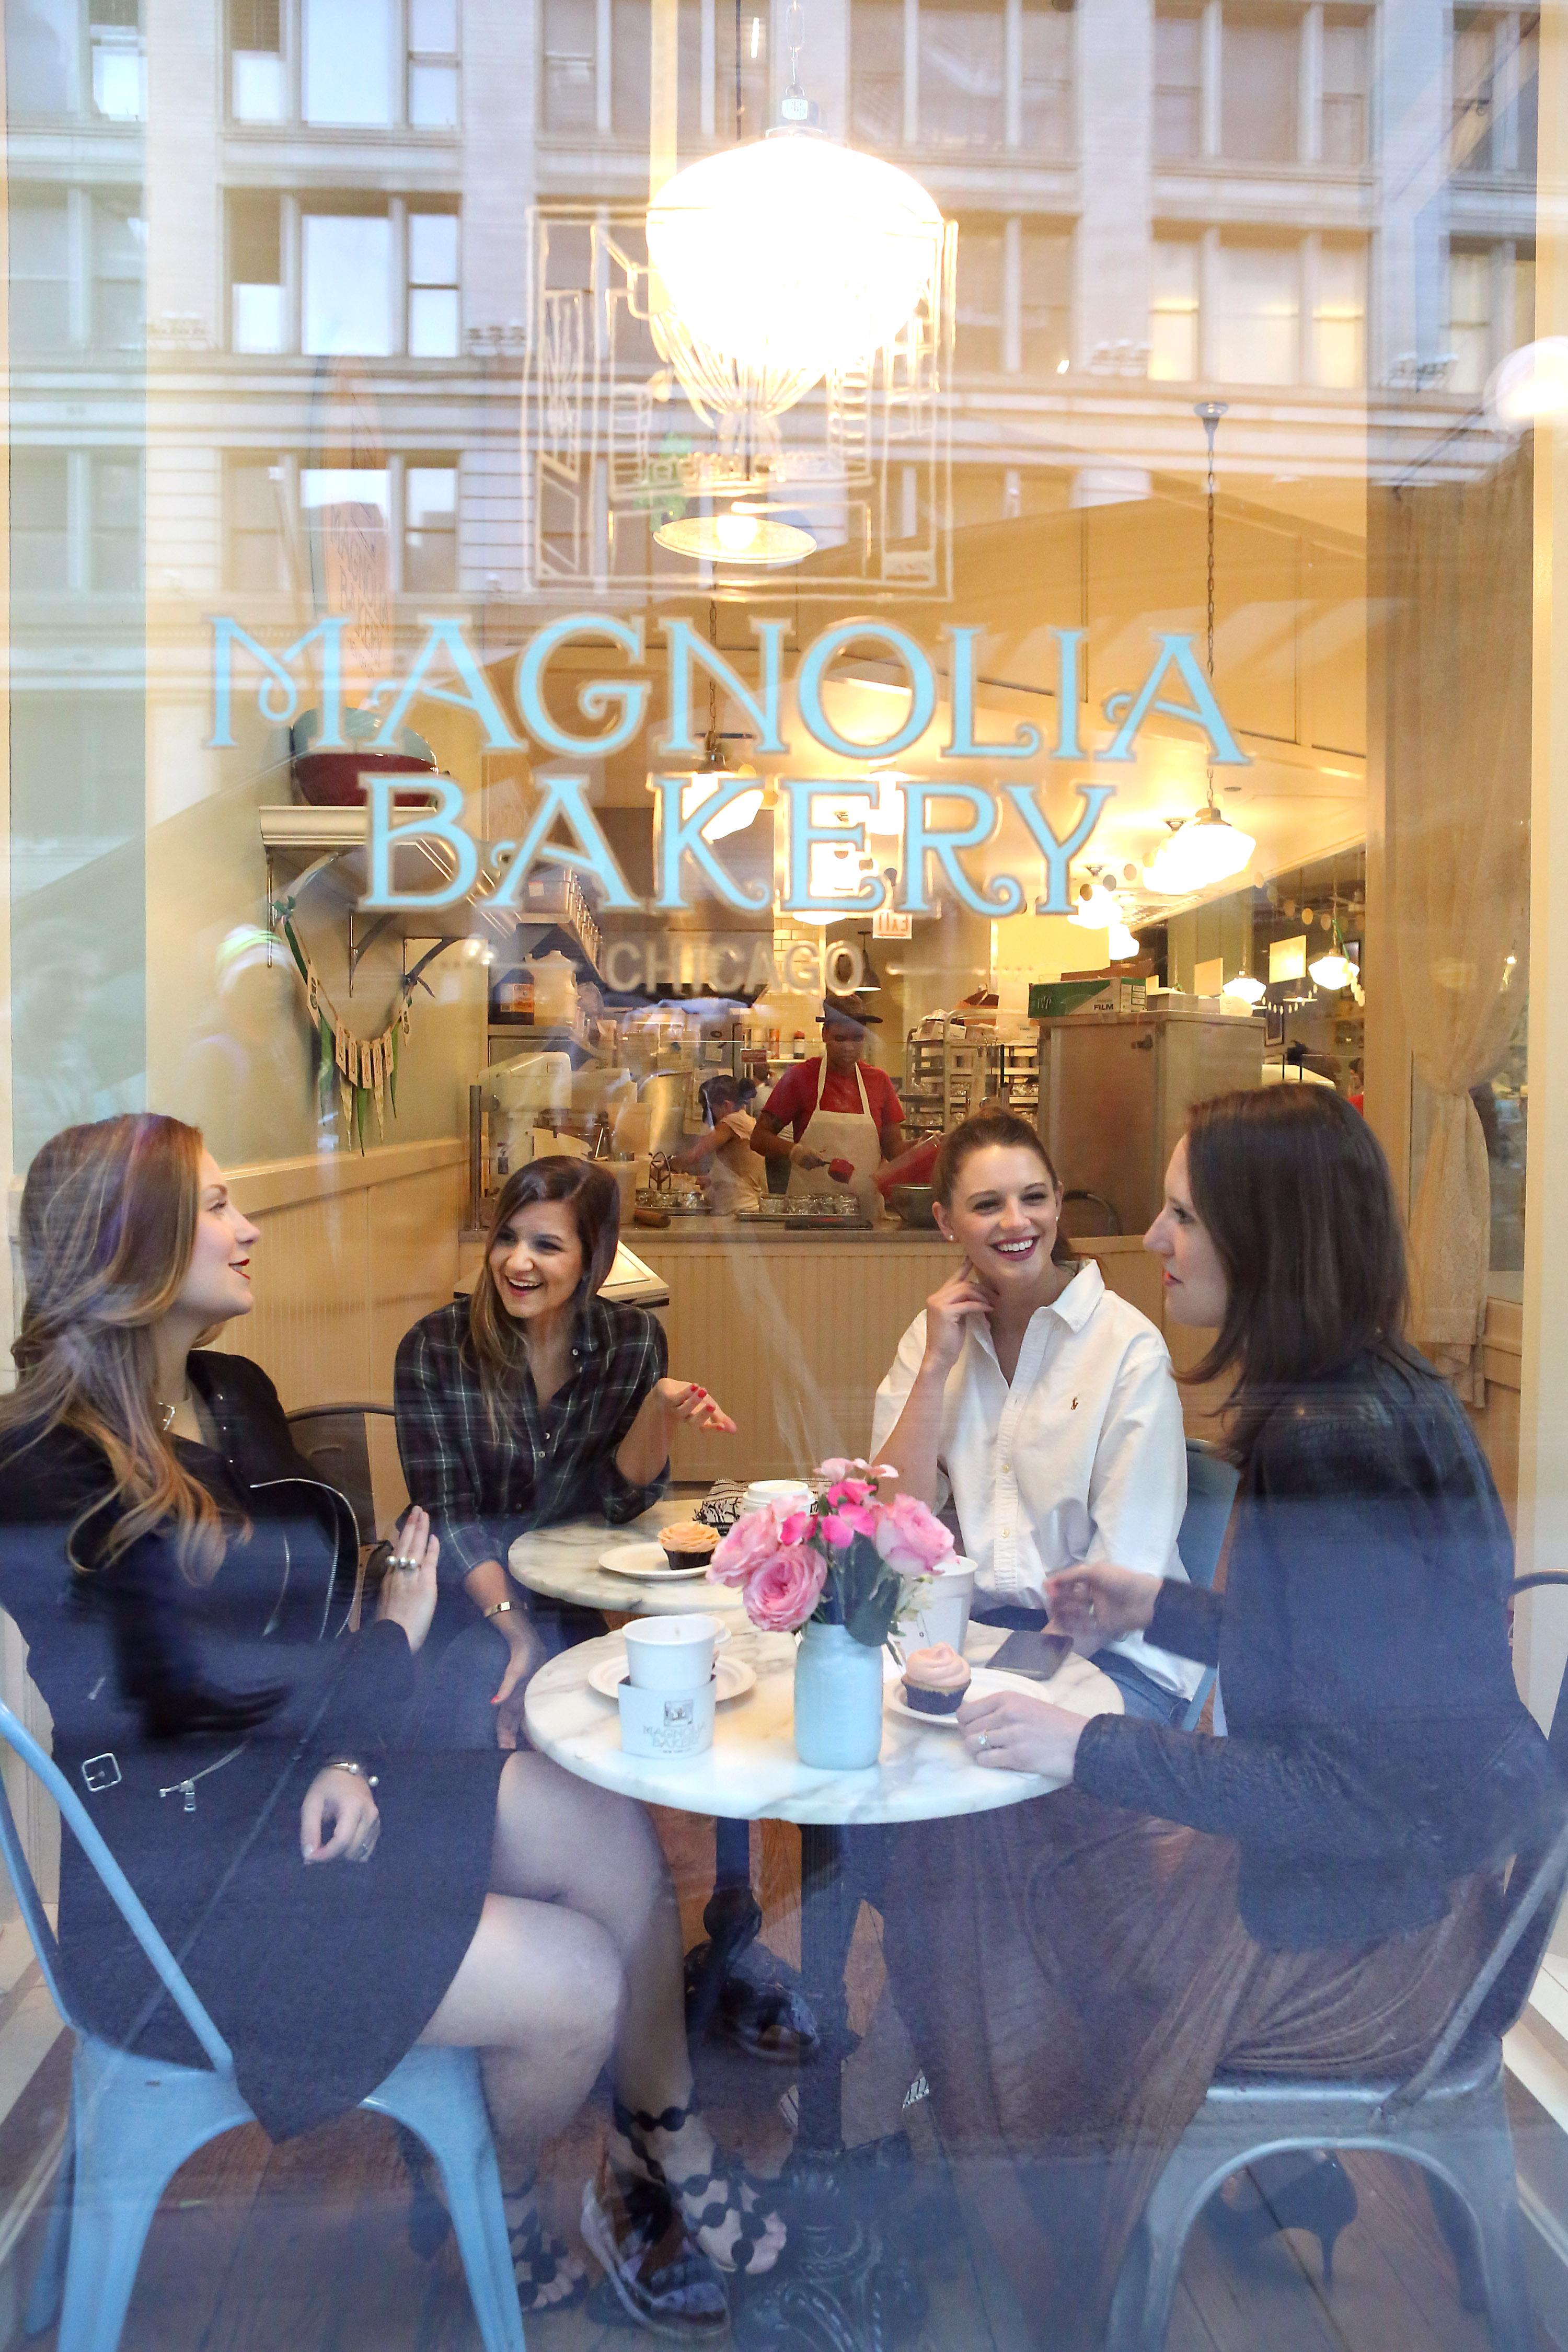 Magnolia Bakery_Block 37 Shopping Mall